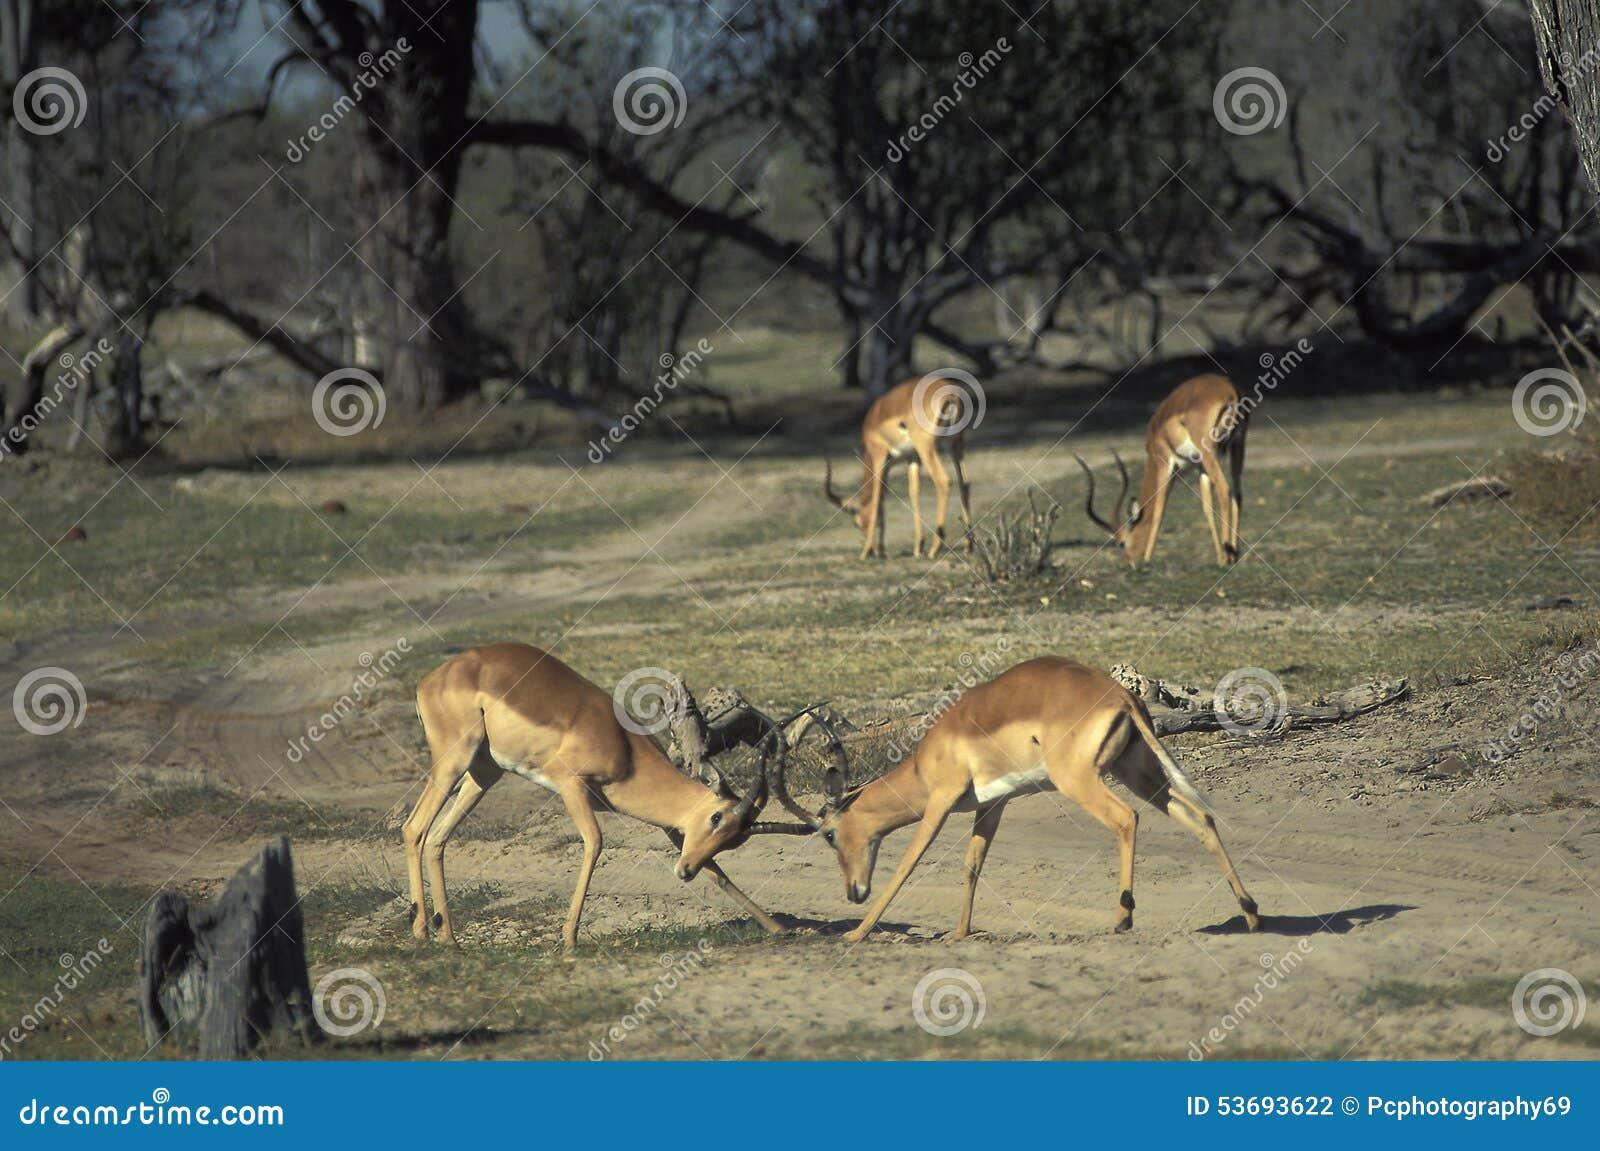 Males of impala gazelles fighting, Botswana.